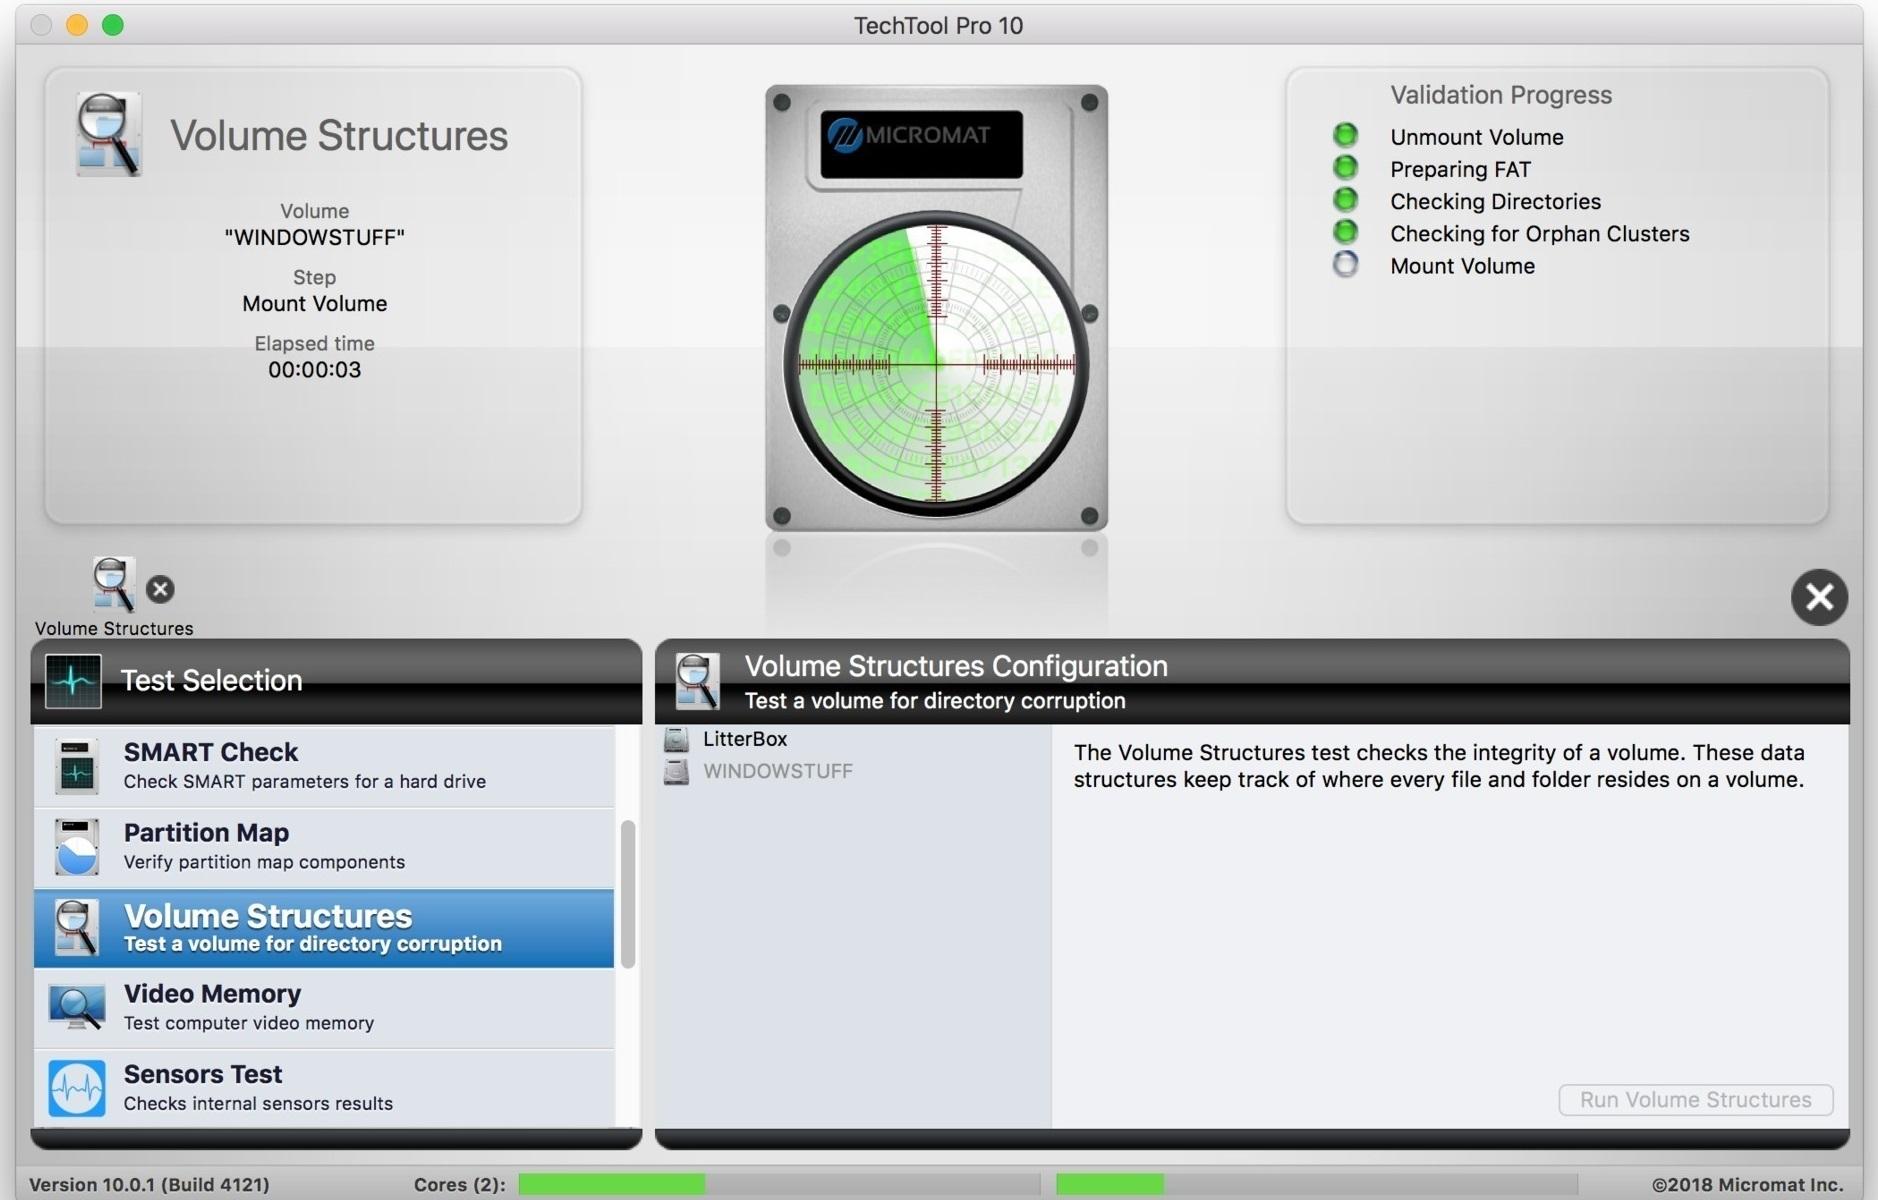 Techtool Pro 4.0.1 serial key or number